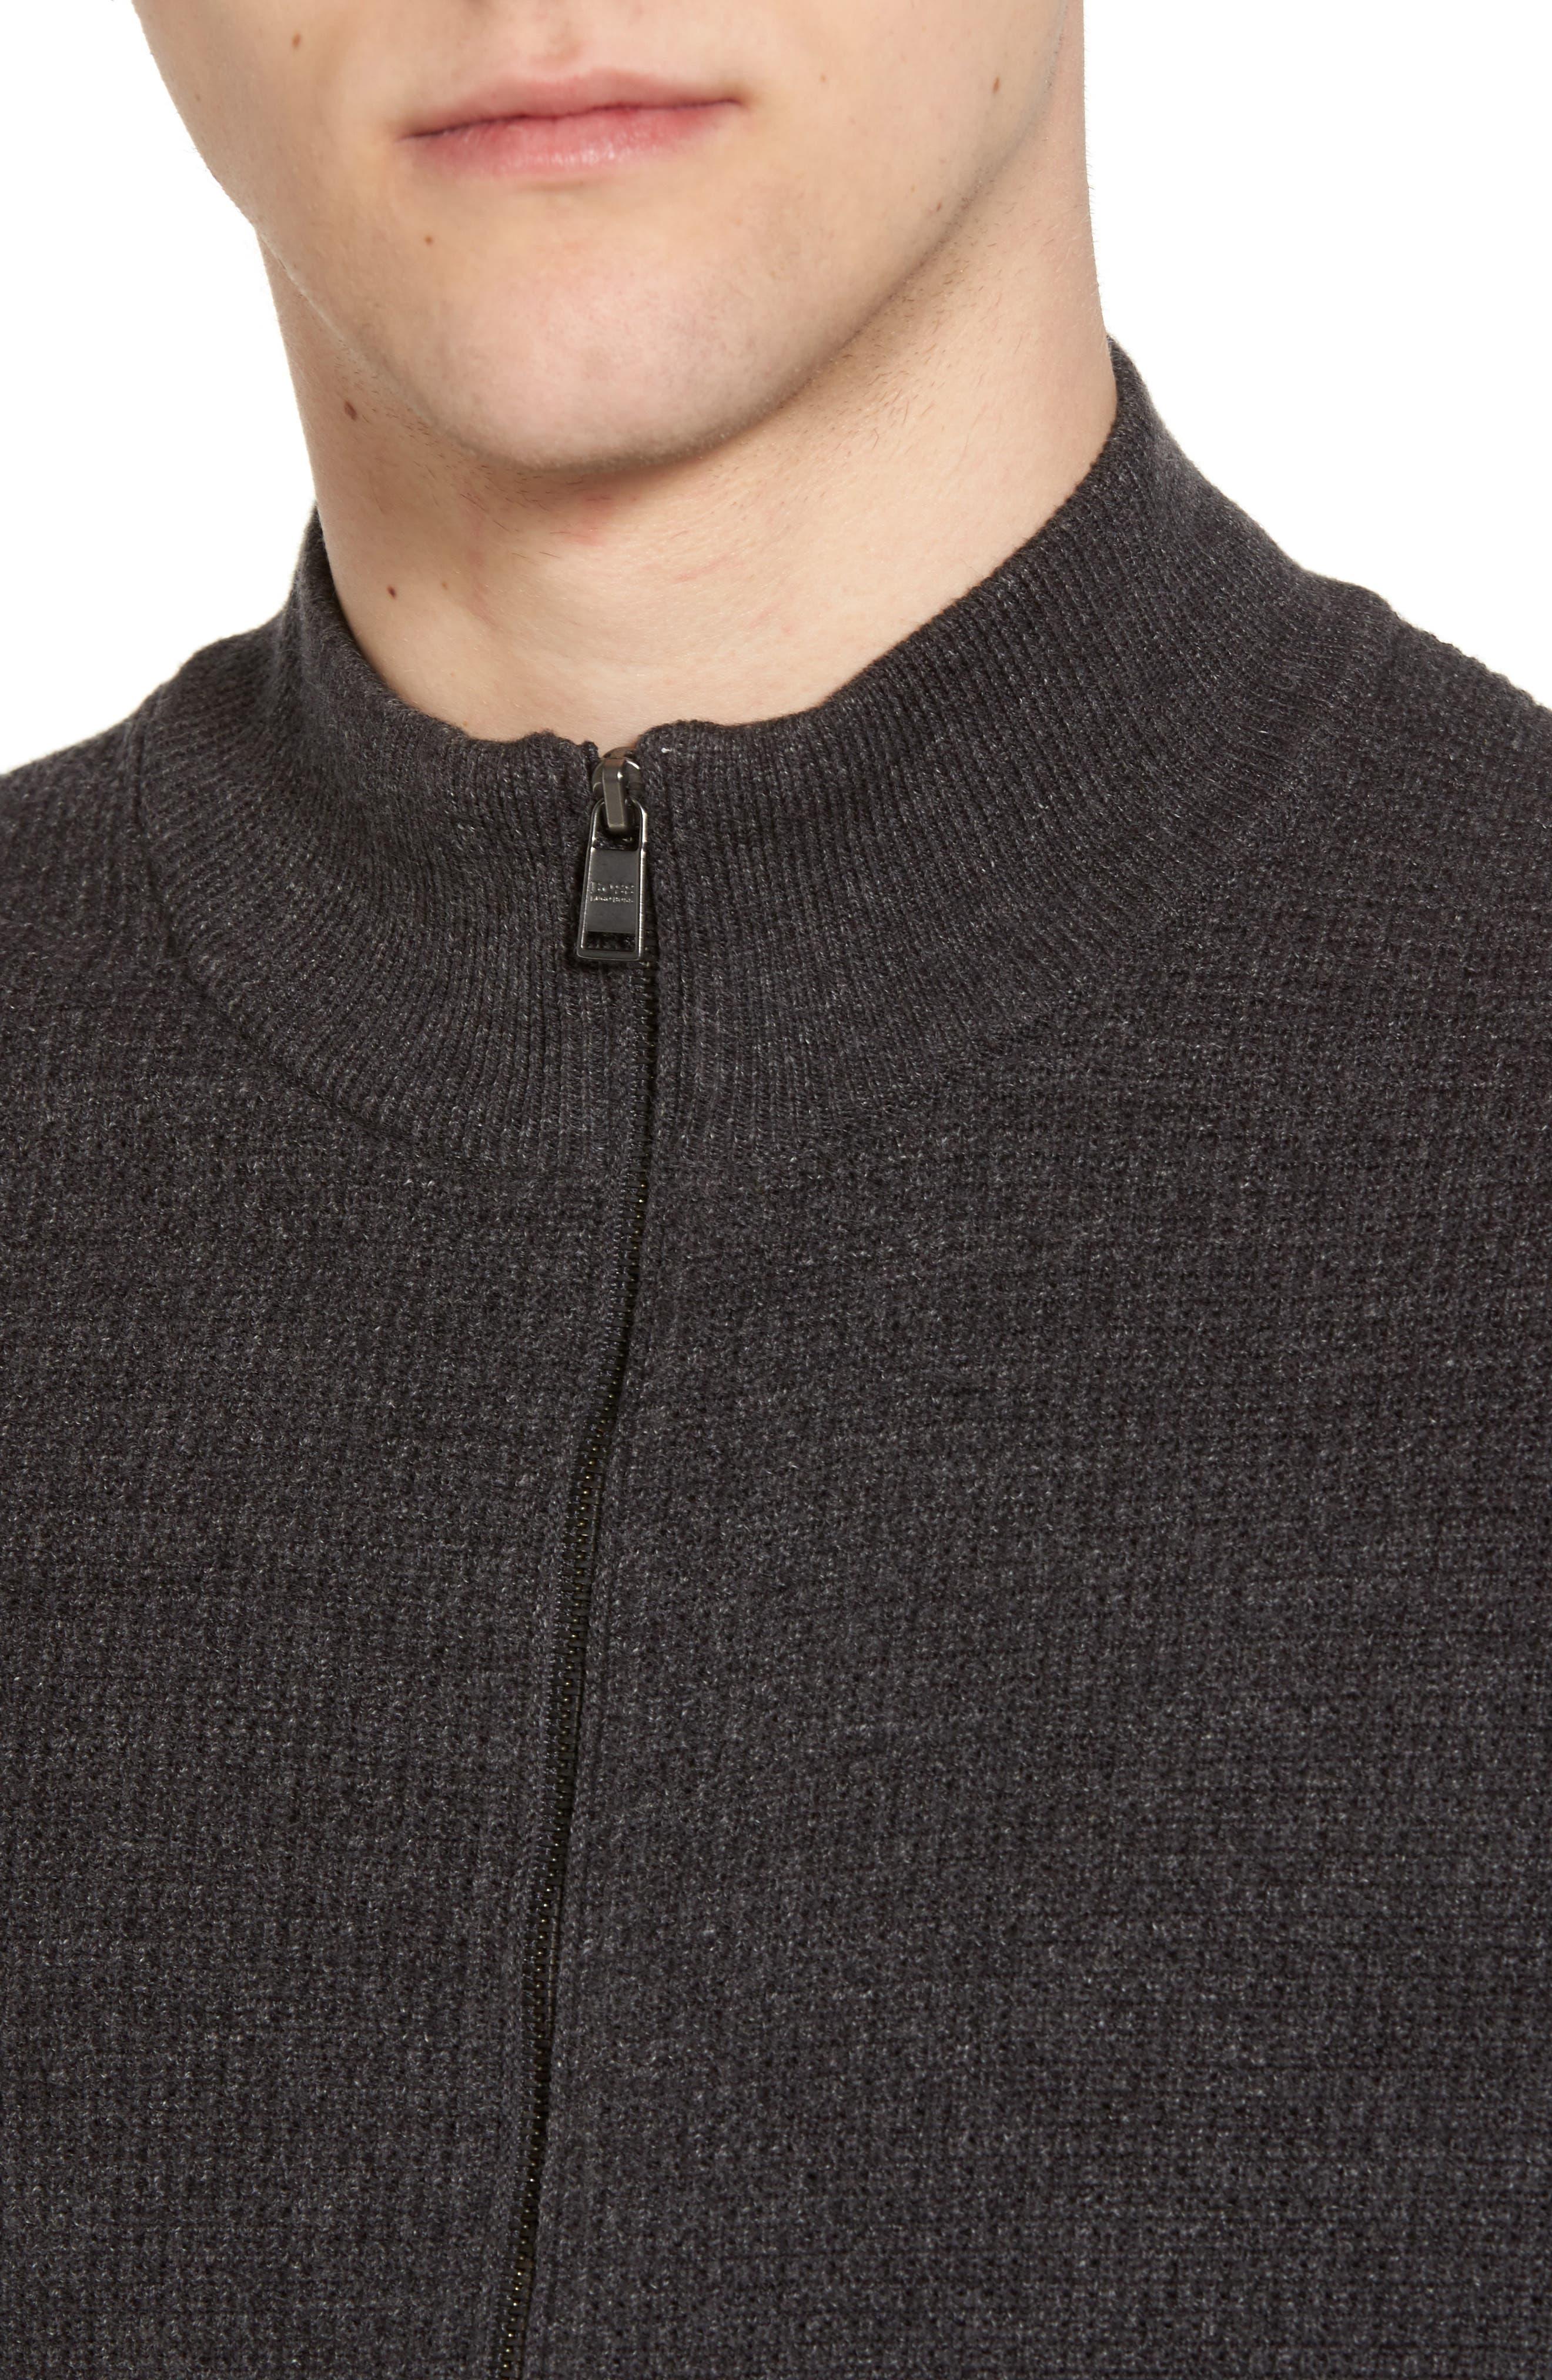 Devino Cotton Zip Jacket,                             Alternate thumbnail 4, color,                             061